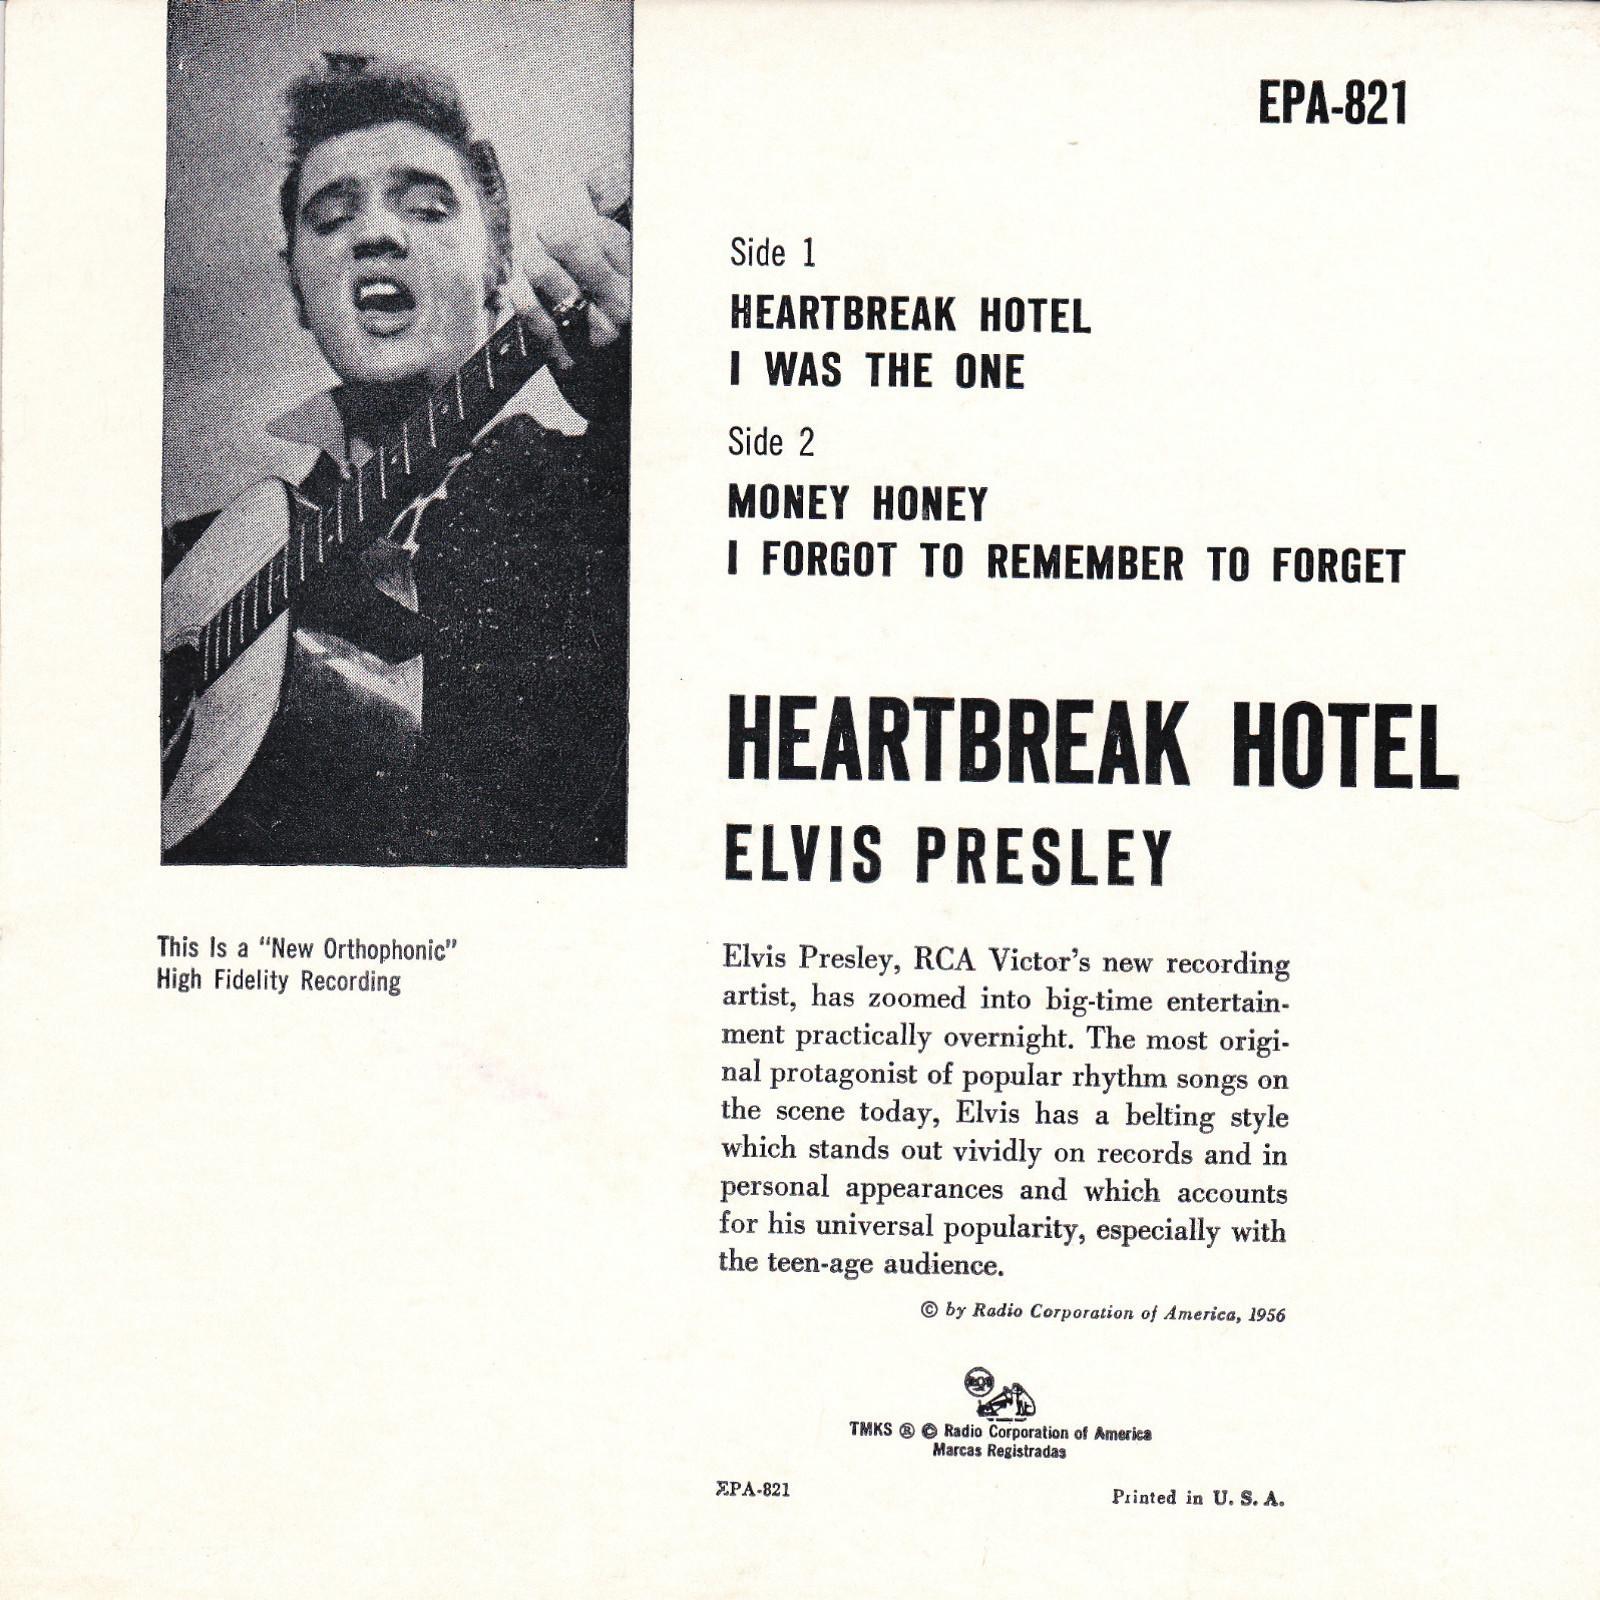 HEARTBREAK HOTEL Epa-821b9cuqh